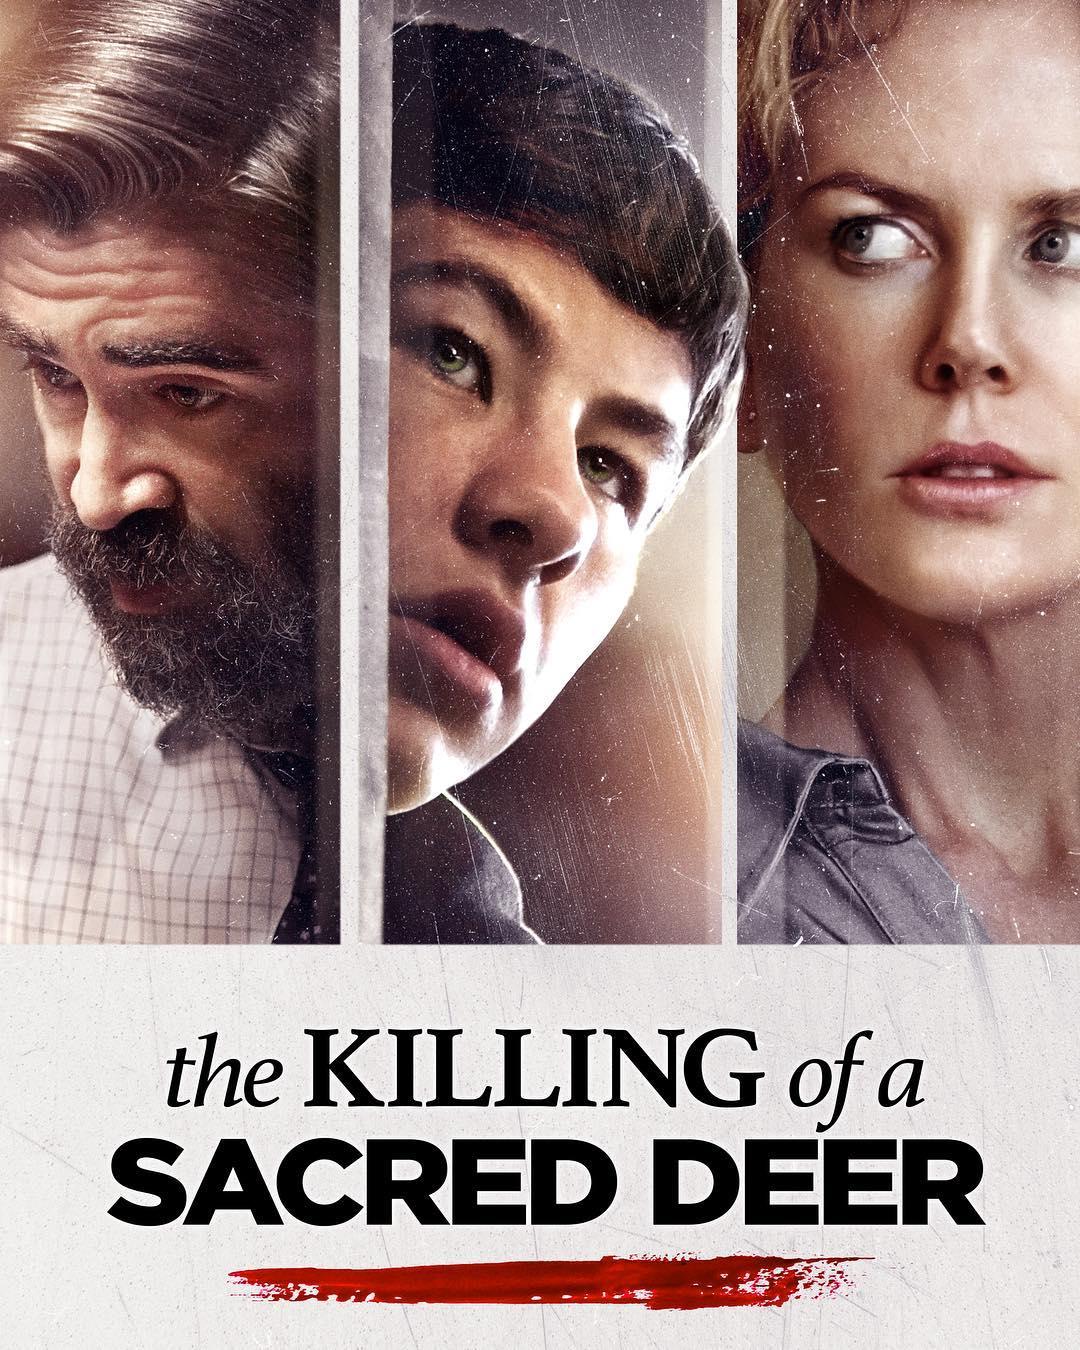 The Killing Of A Sacred Deer - Con sóng bạc đầu của làn sóng điện ảnh kỳ dị Hy Lạp